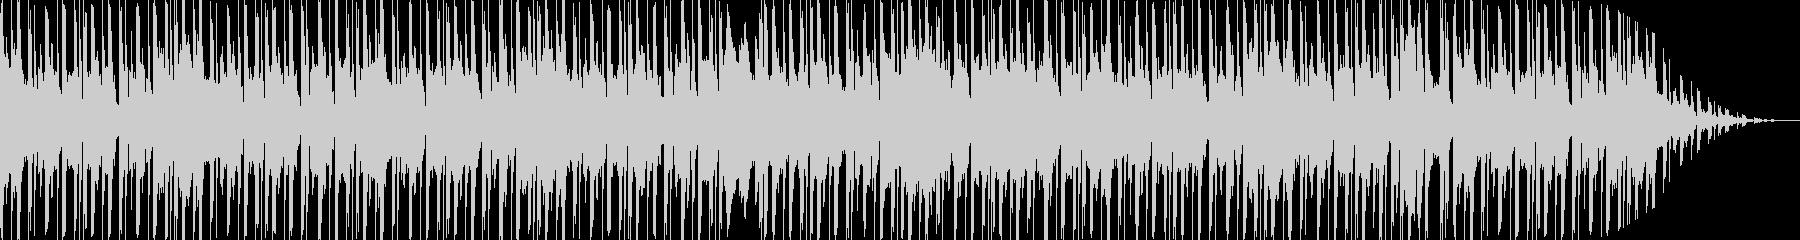 可愛らしく優しいエレクトロBGMの未再生の波形